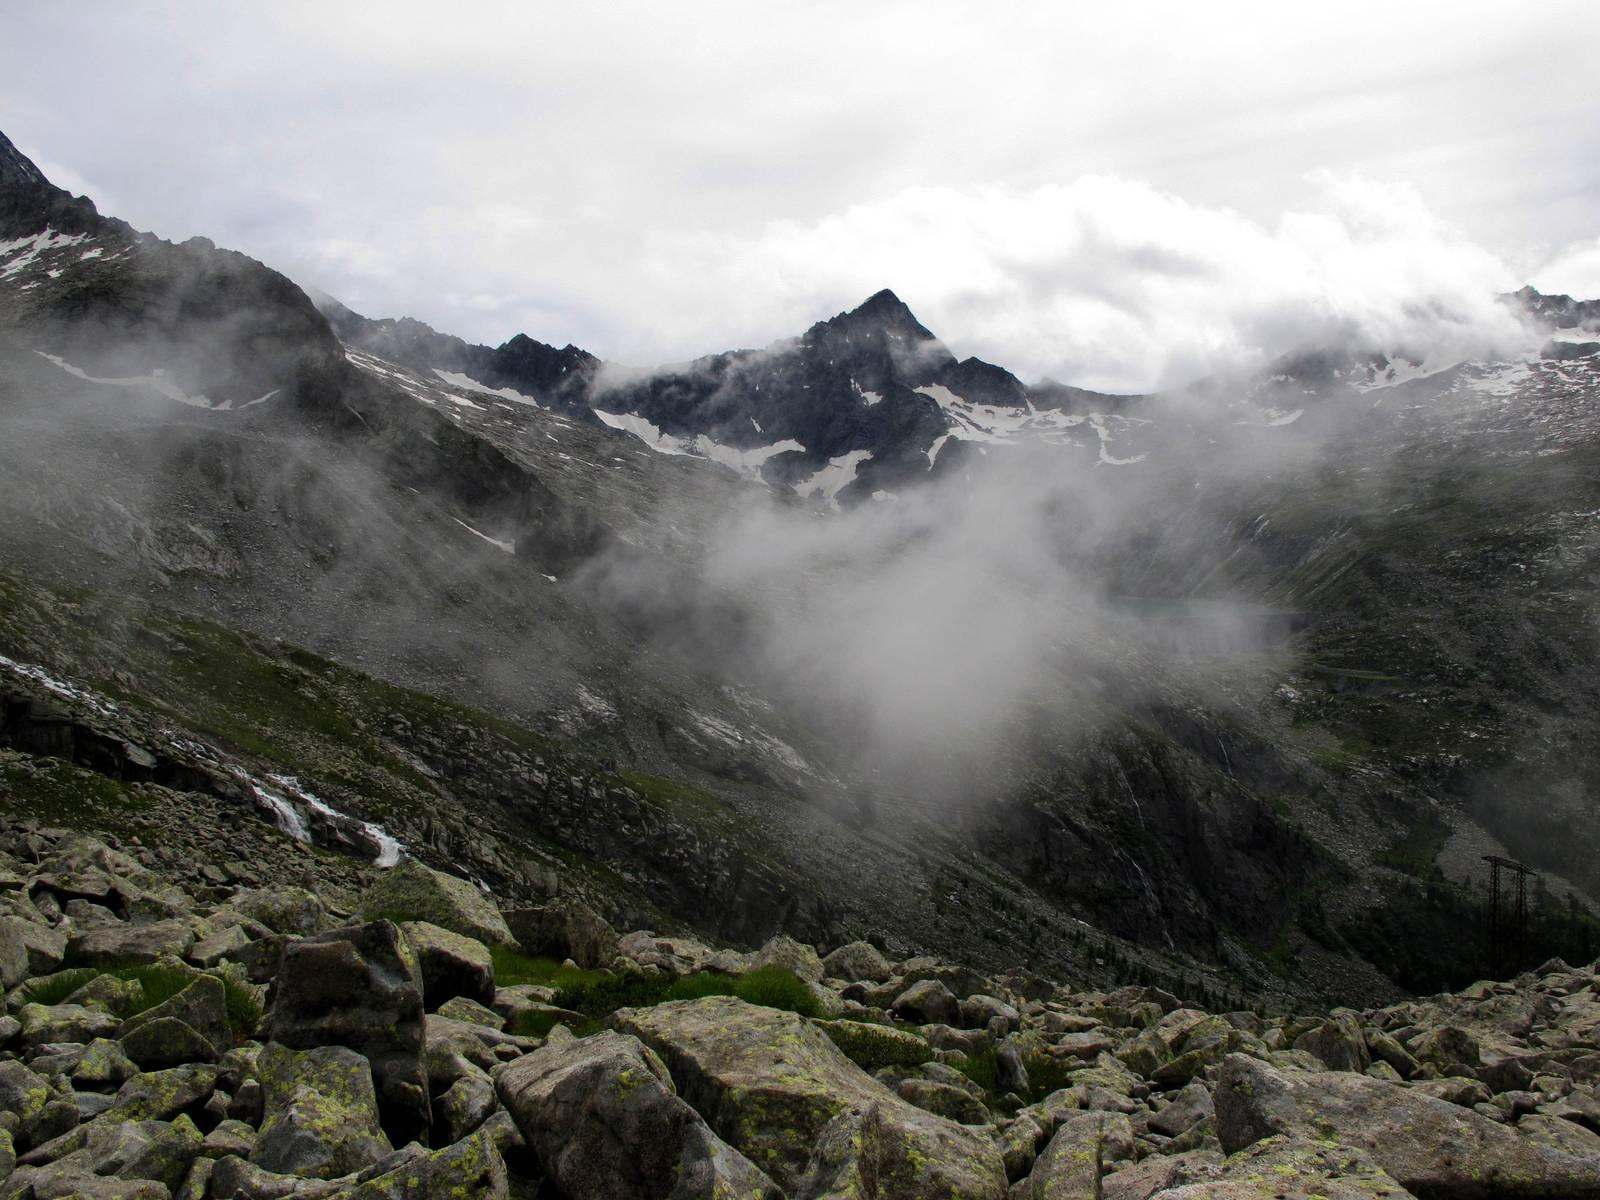 Passi-nella-neve-9-agosto-2014_Narrazione-in-cammino-destinazione-Garibaldi50 Copia